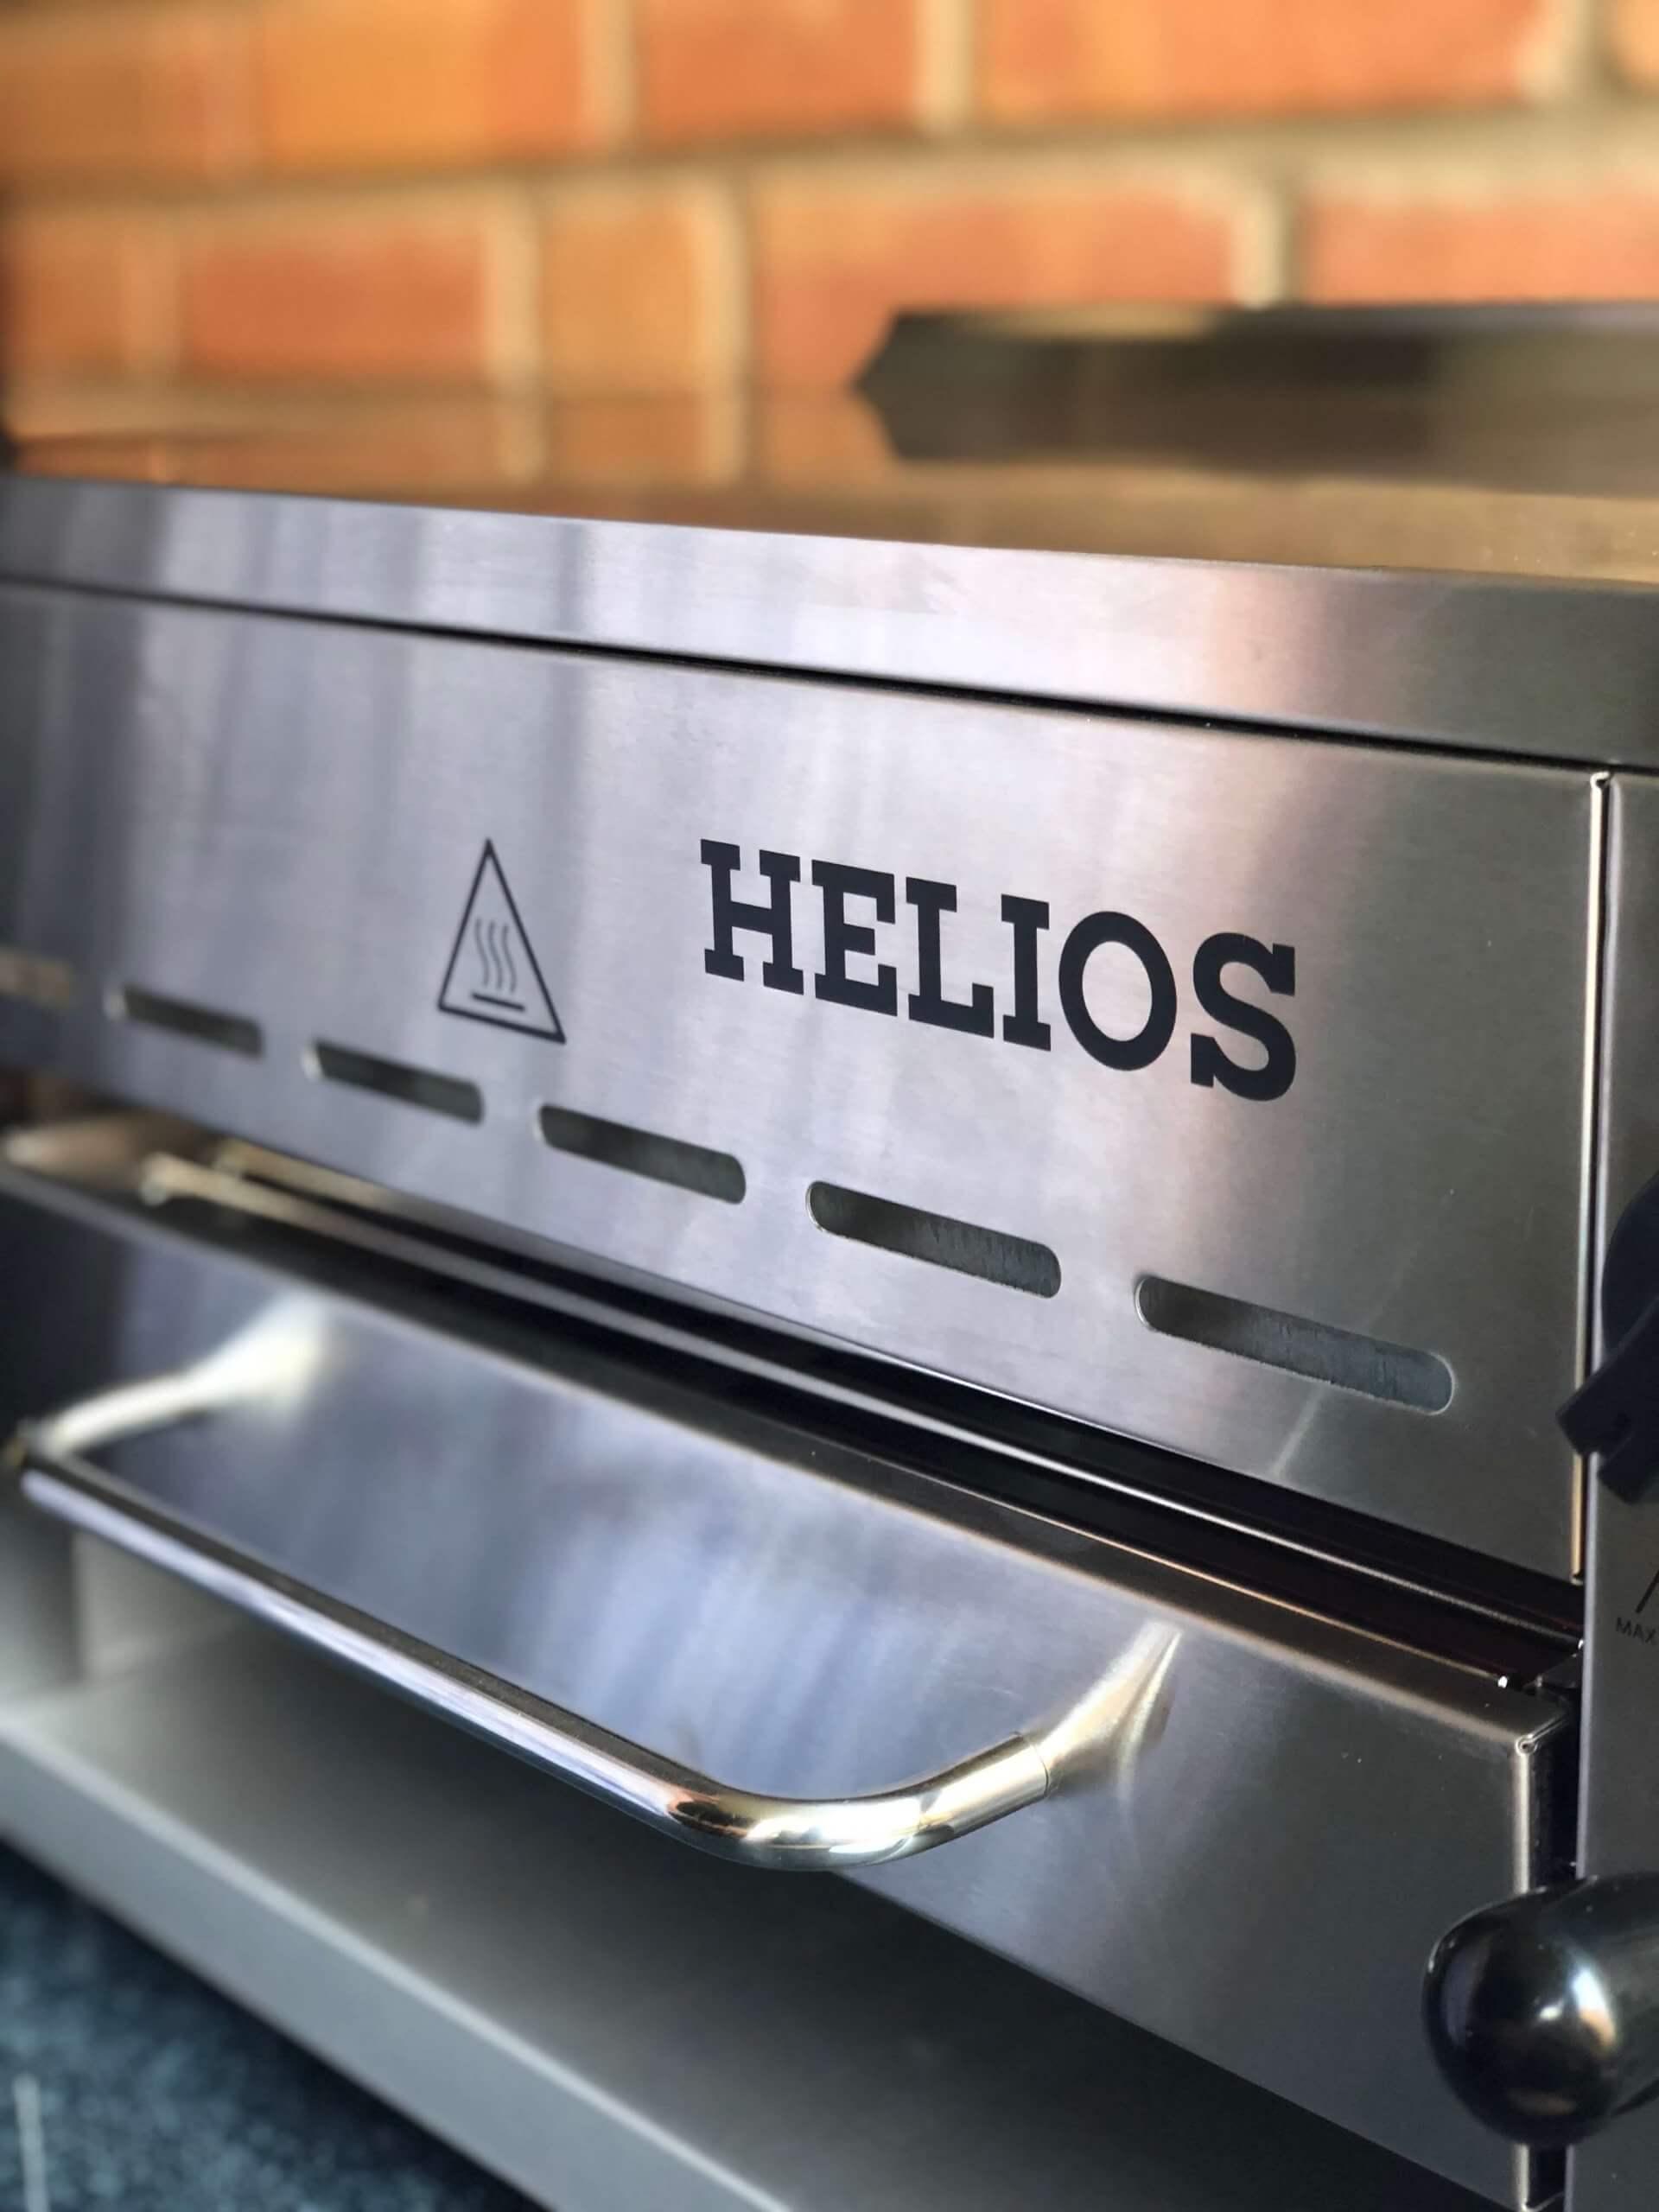 Der Meateor Helios / Aldi Beef Maker